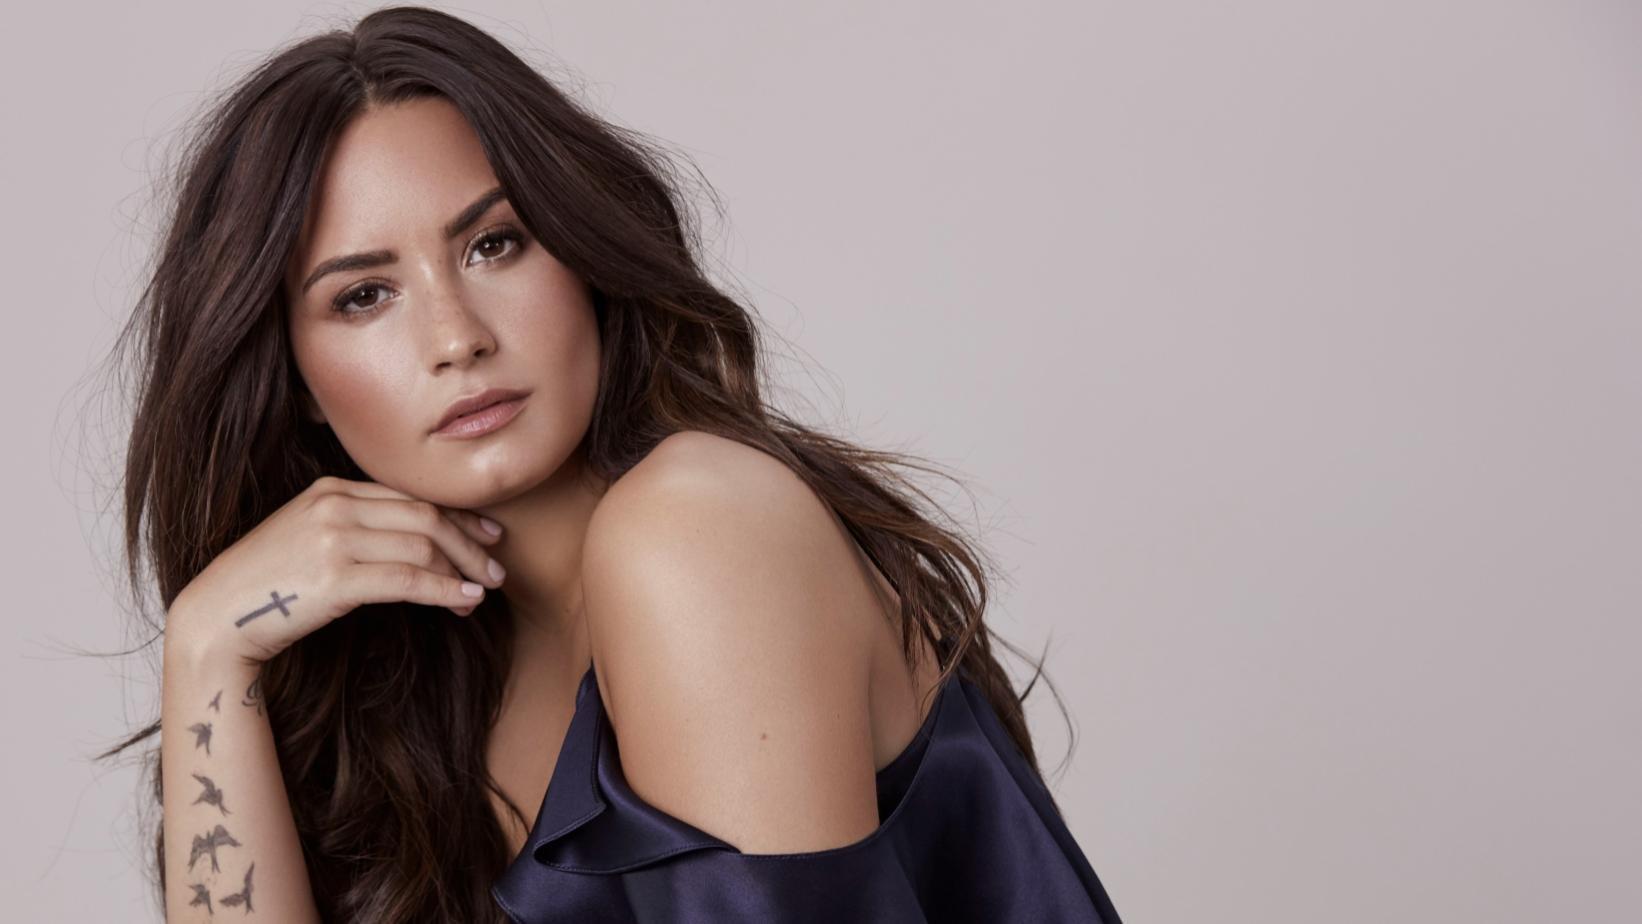 demi lovato 03 069.jpg?resize=1200,630 - Demi Lovato disponibilizará para seus fãs sessões de terapia antes do show em sua próxima turnê